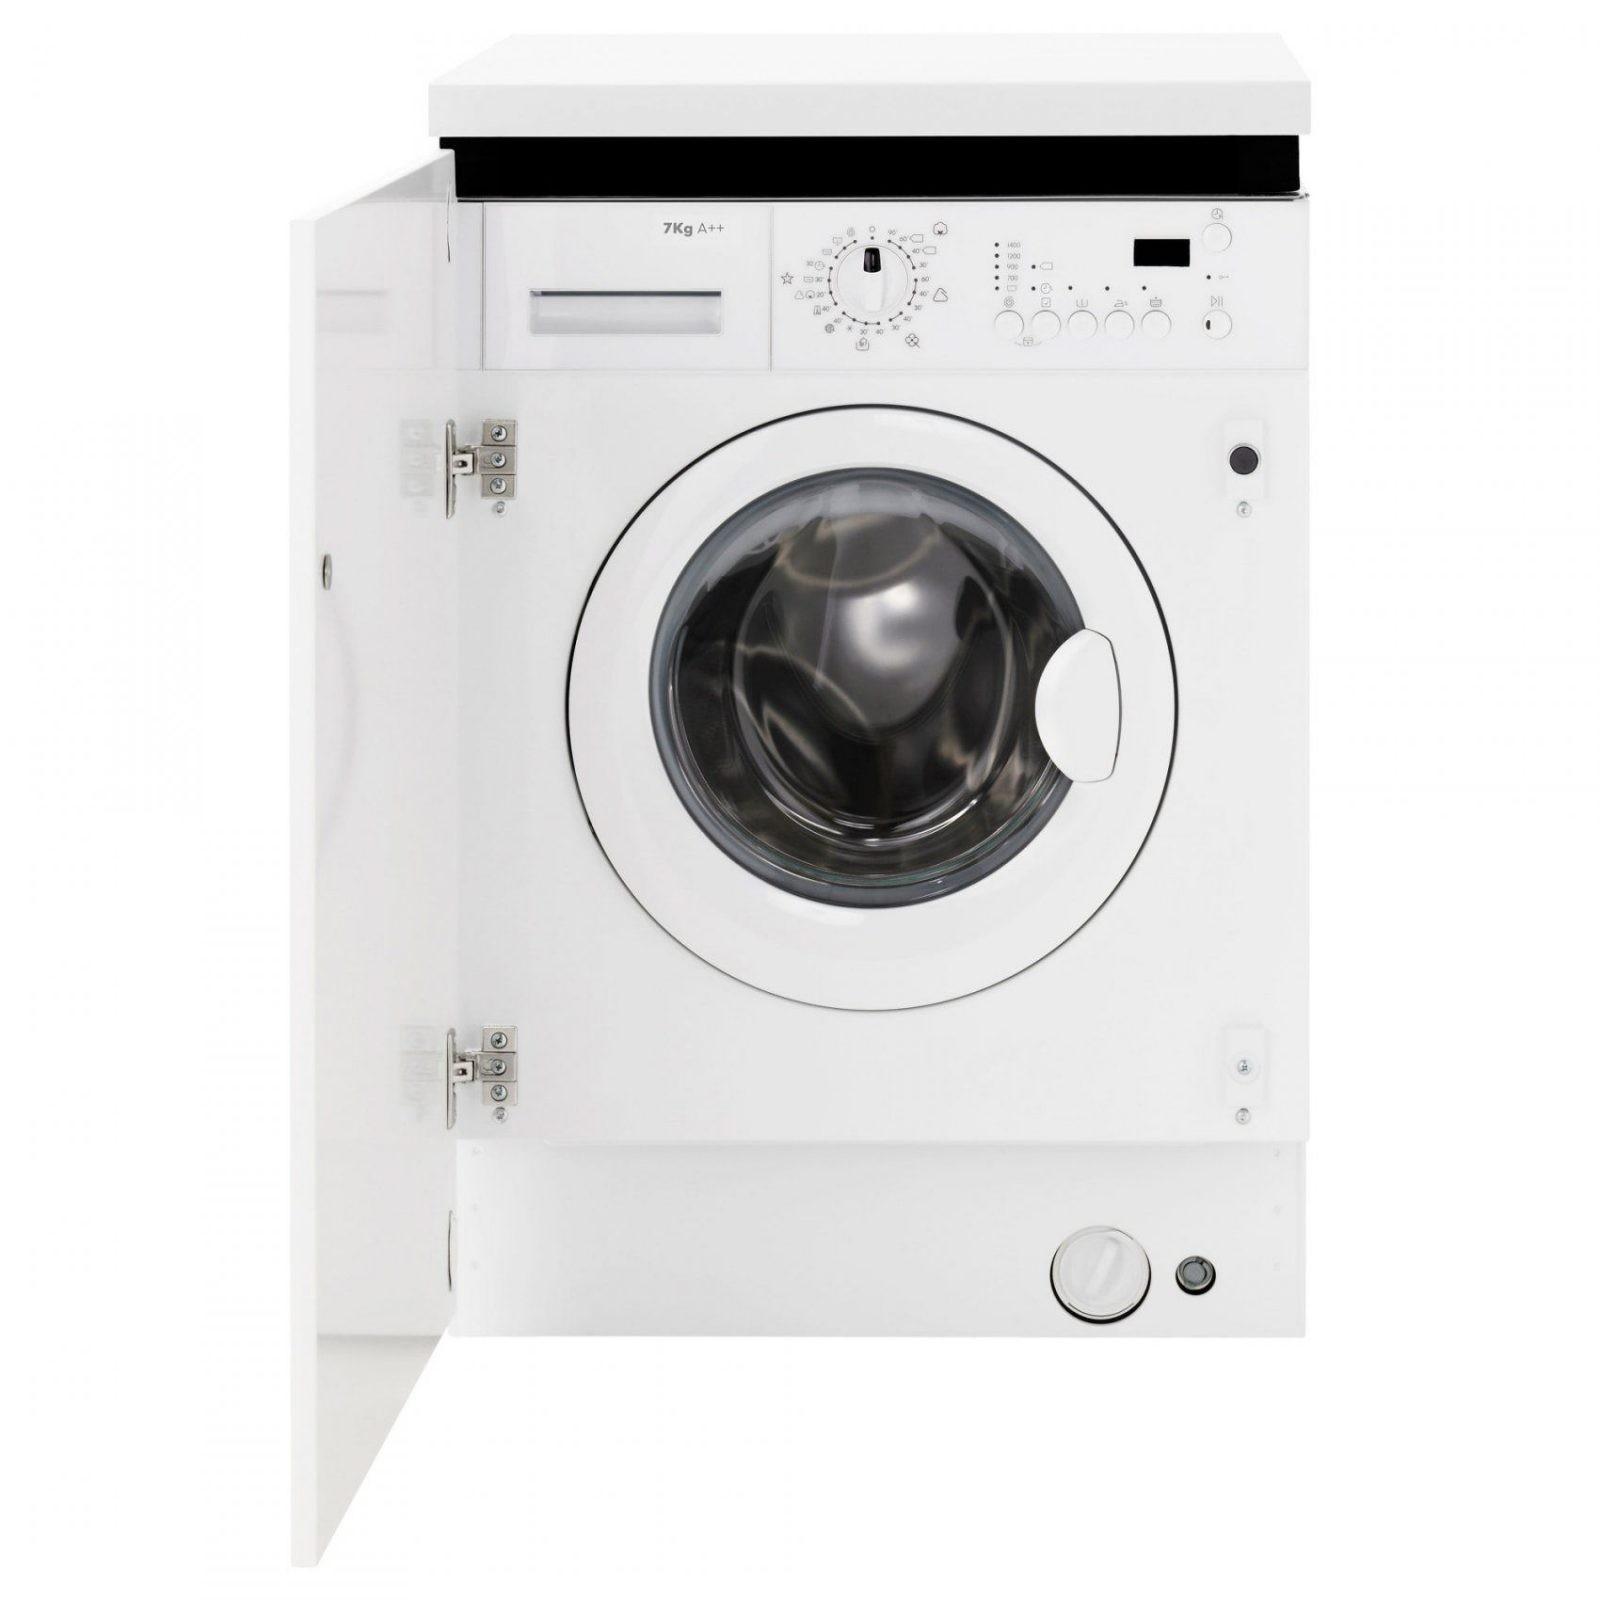 Ikea Waschmaschinen Im Test 2018  Waschmaschine Ratgeber von Schrank Für Waschmaschine Und Trockner Ikea Photo